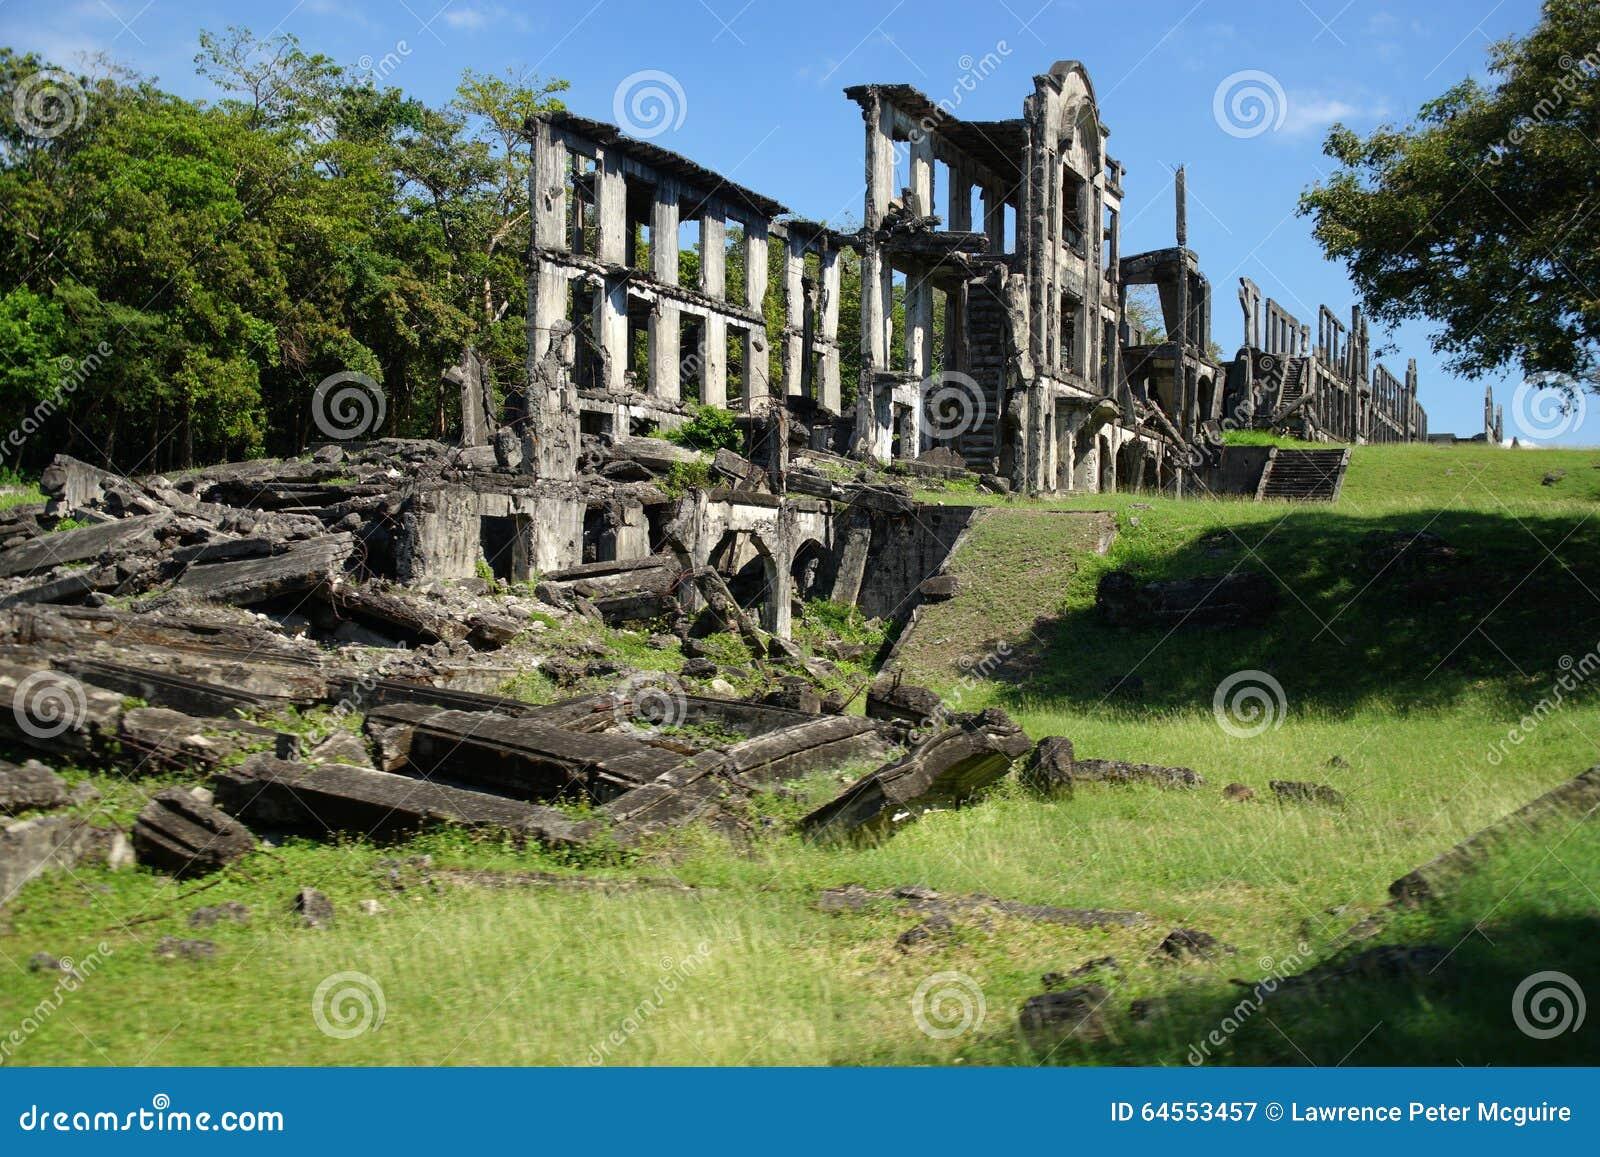 Ruines de mille des casernes long baie sur de Corregidor île, Manille, Philippines